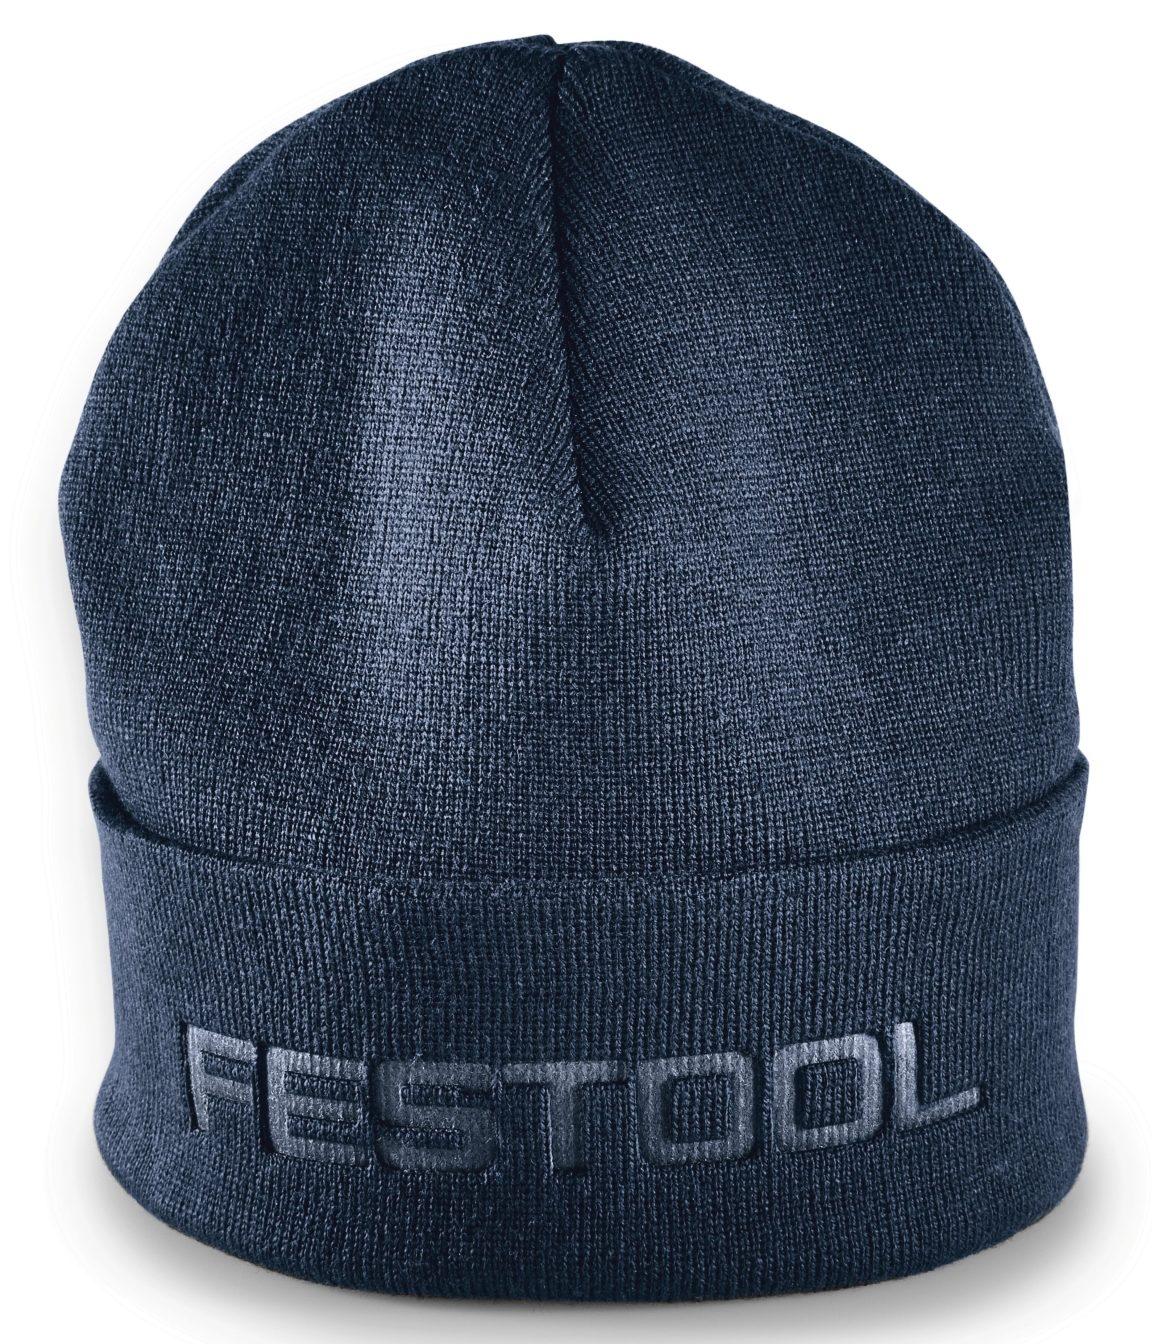 Festool Strickmütze mit Festool Aufdruck